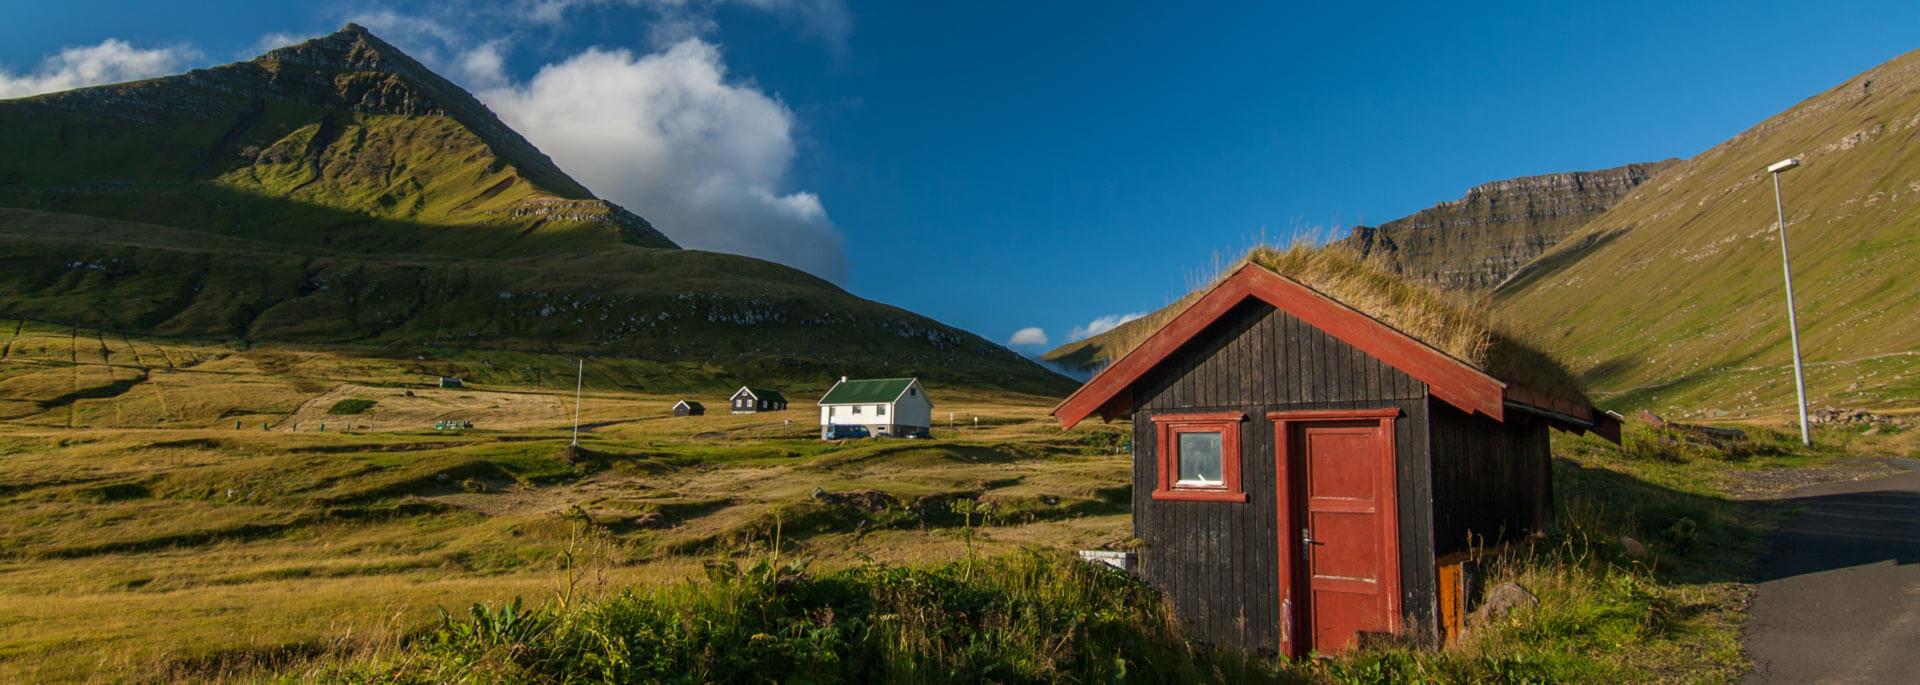 Fotos: Färöer Inseln in Sonne und Wolken